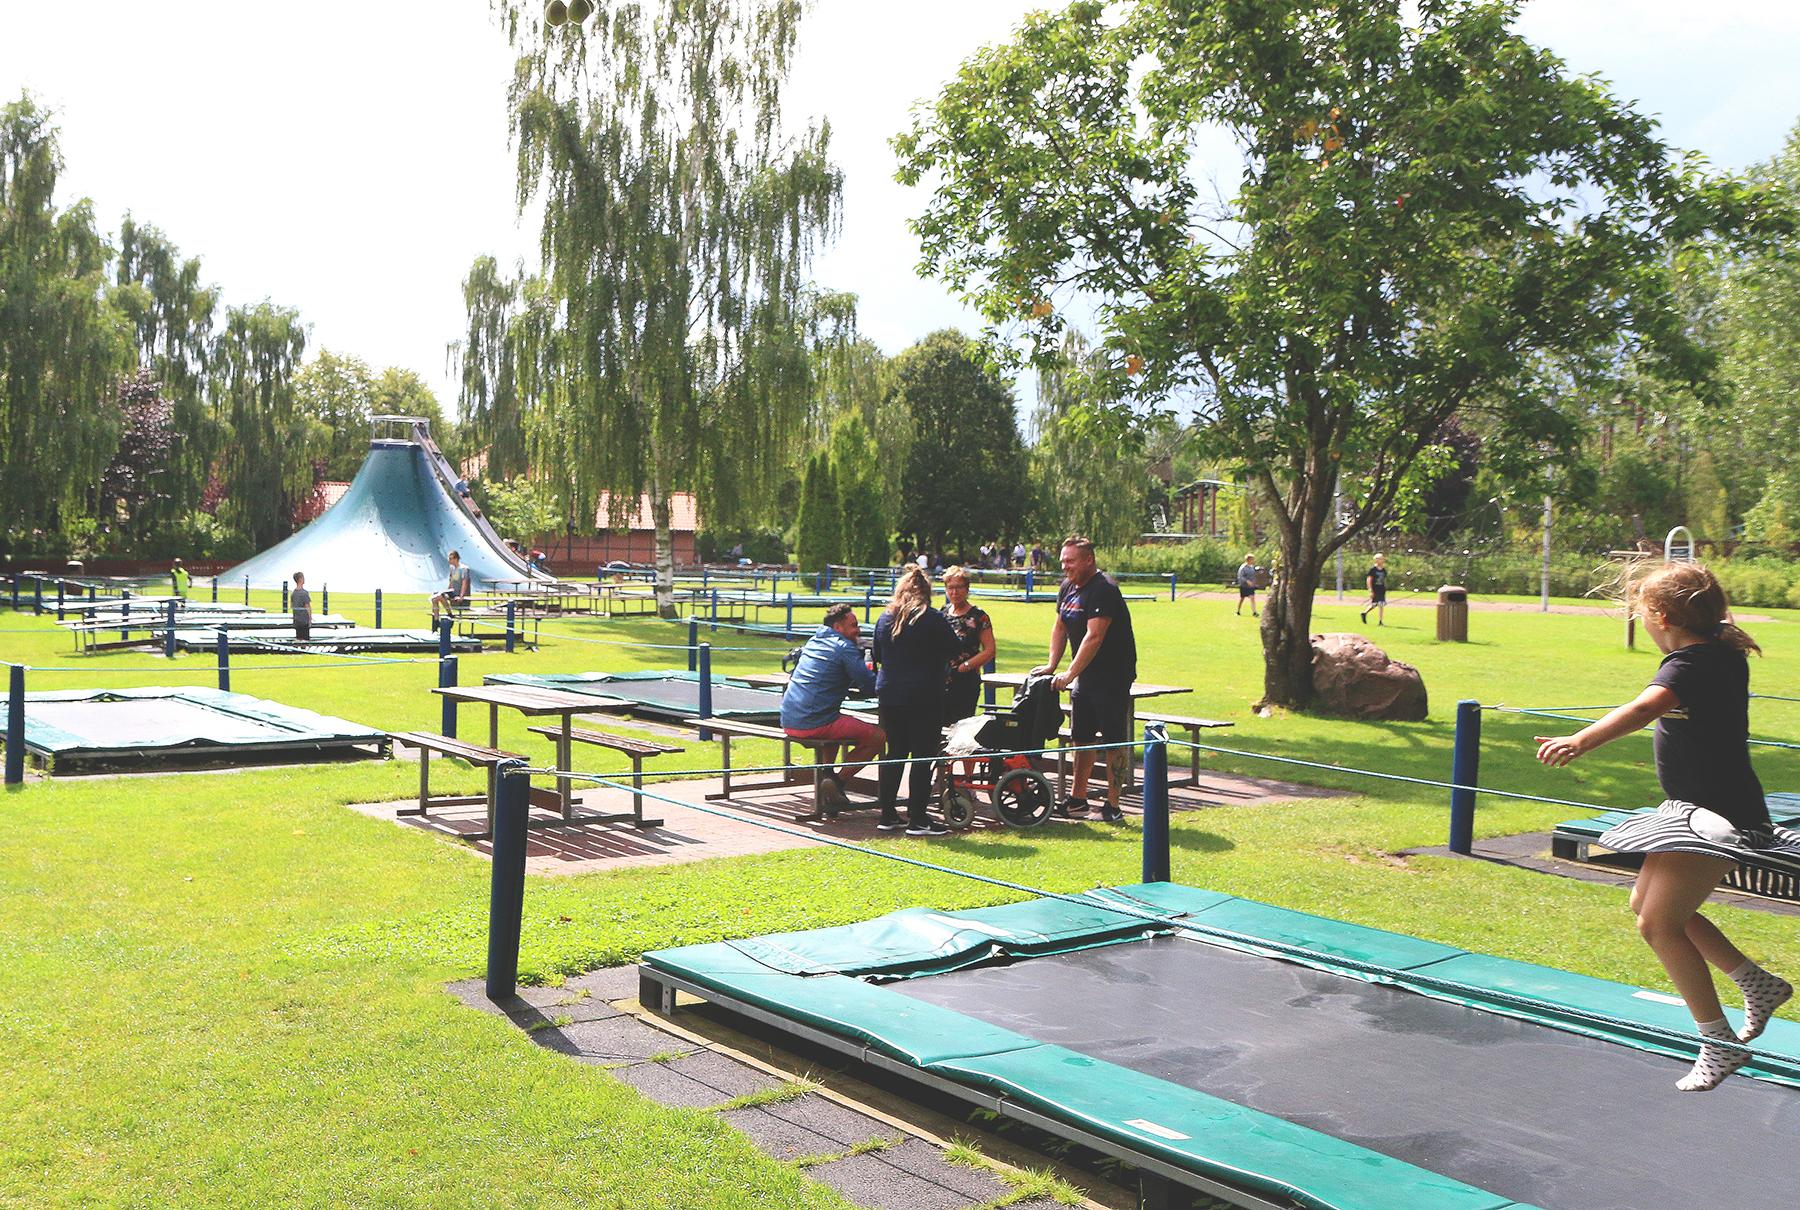 Grønt er skjønt: Én av mange parker i parken. Her kan familien holde piknik, grille og kose seg. Foto: Fjord Line